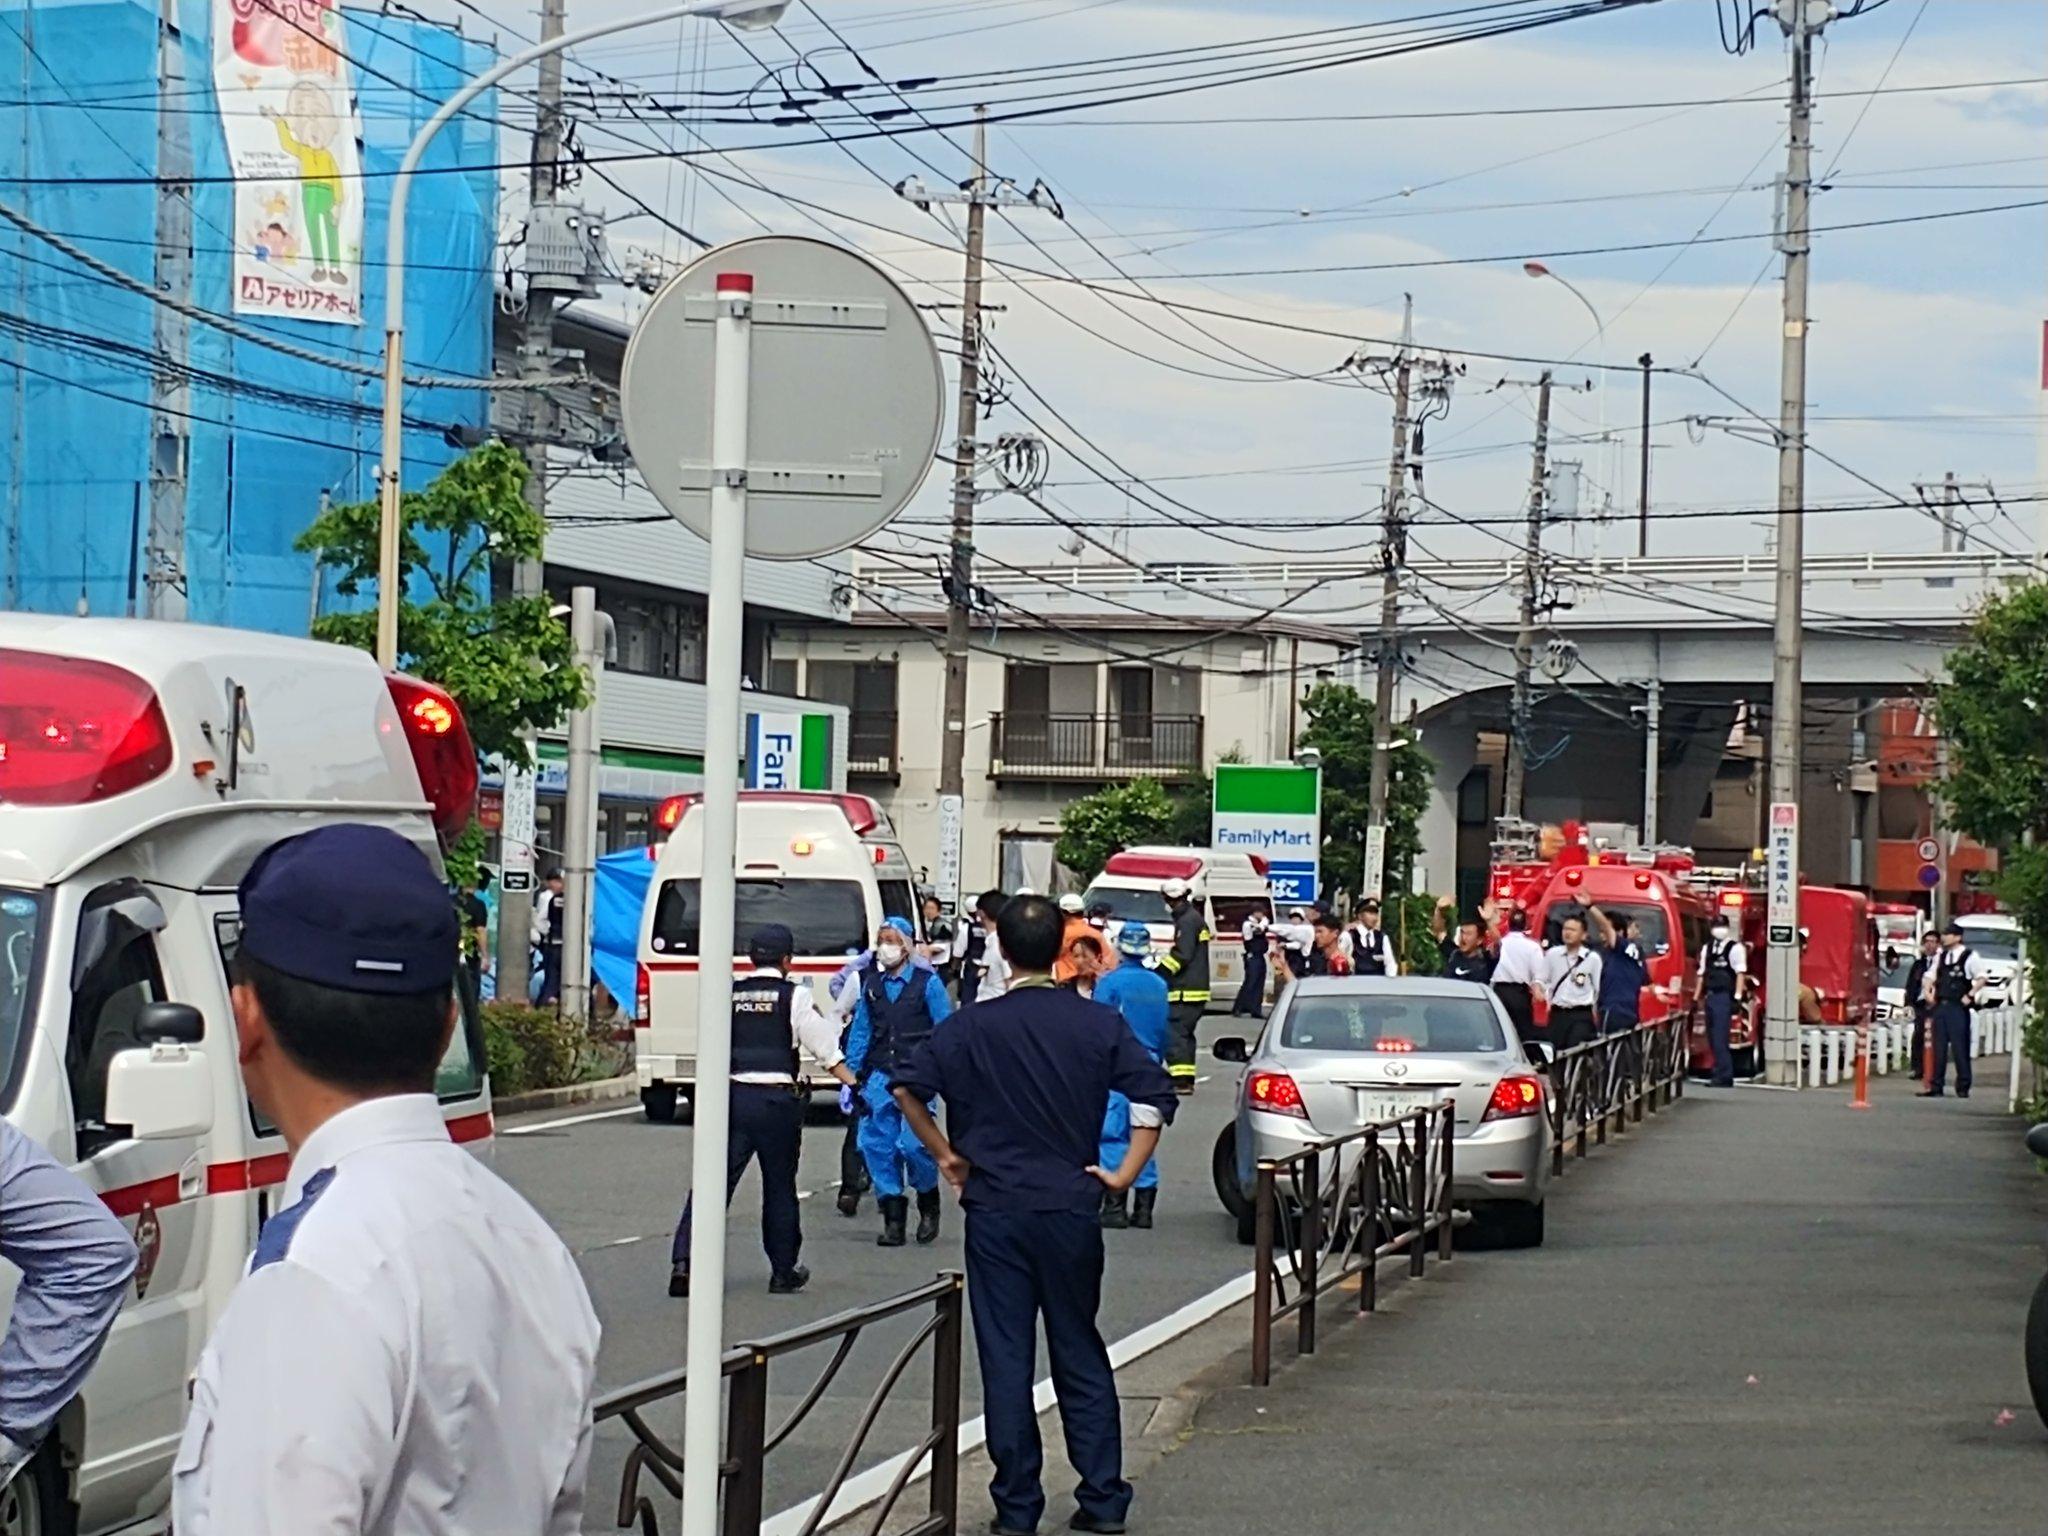 川崎市の通り魔殺人事件で大量の緊急車両が集結している画像